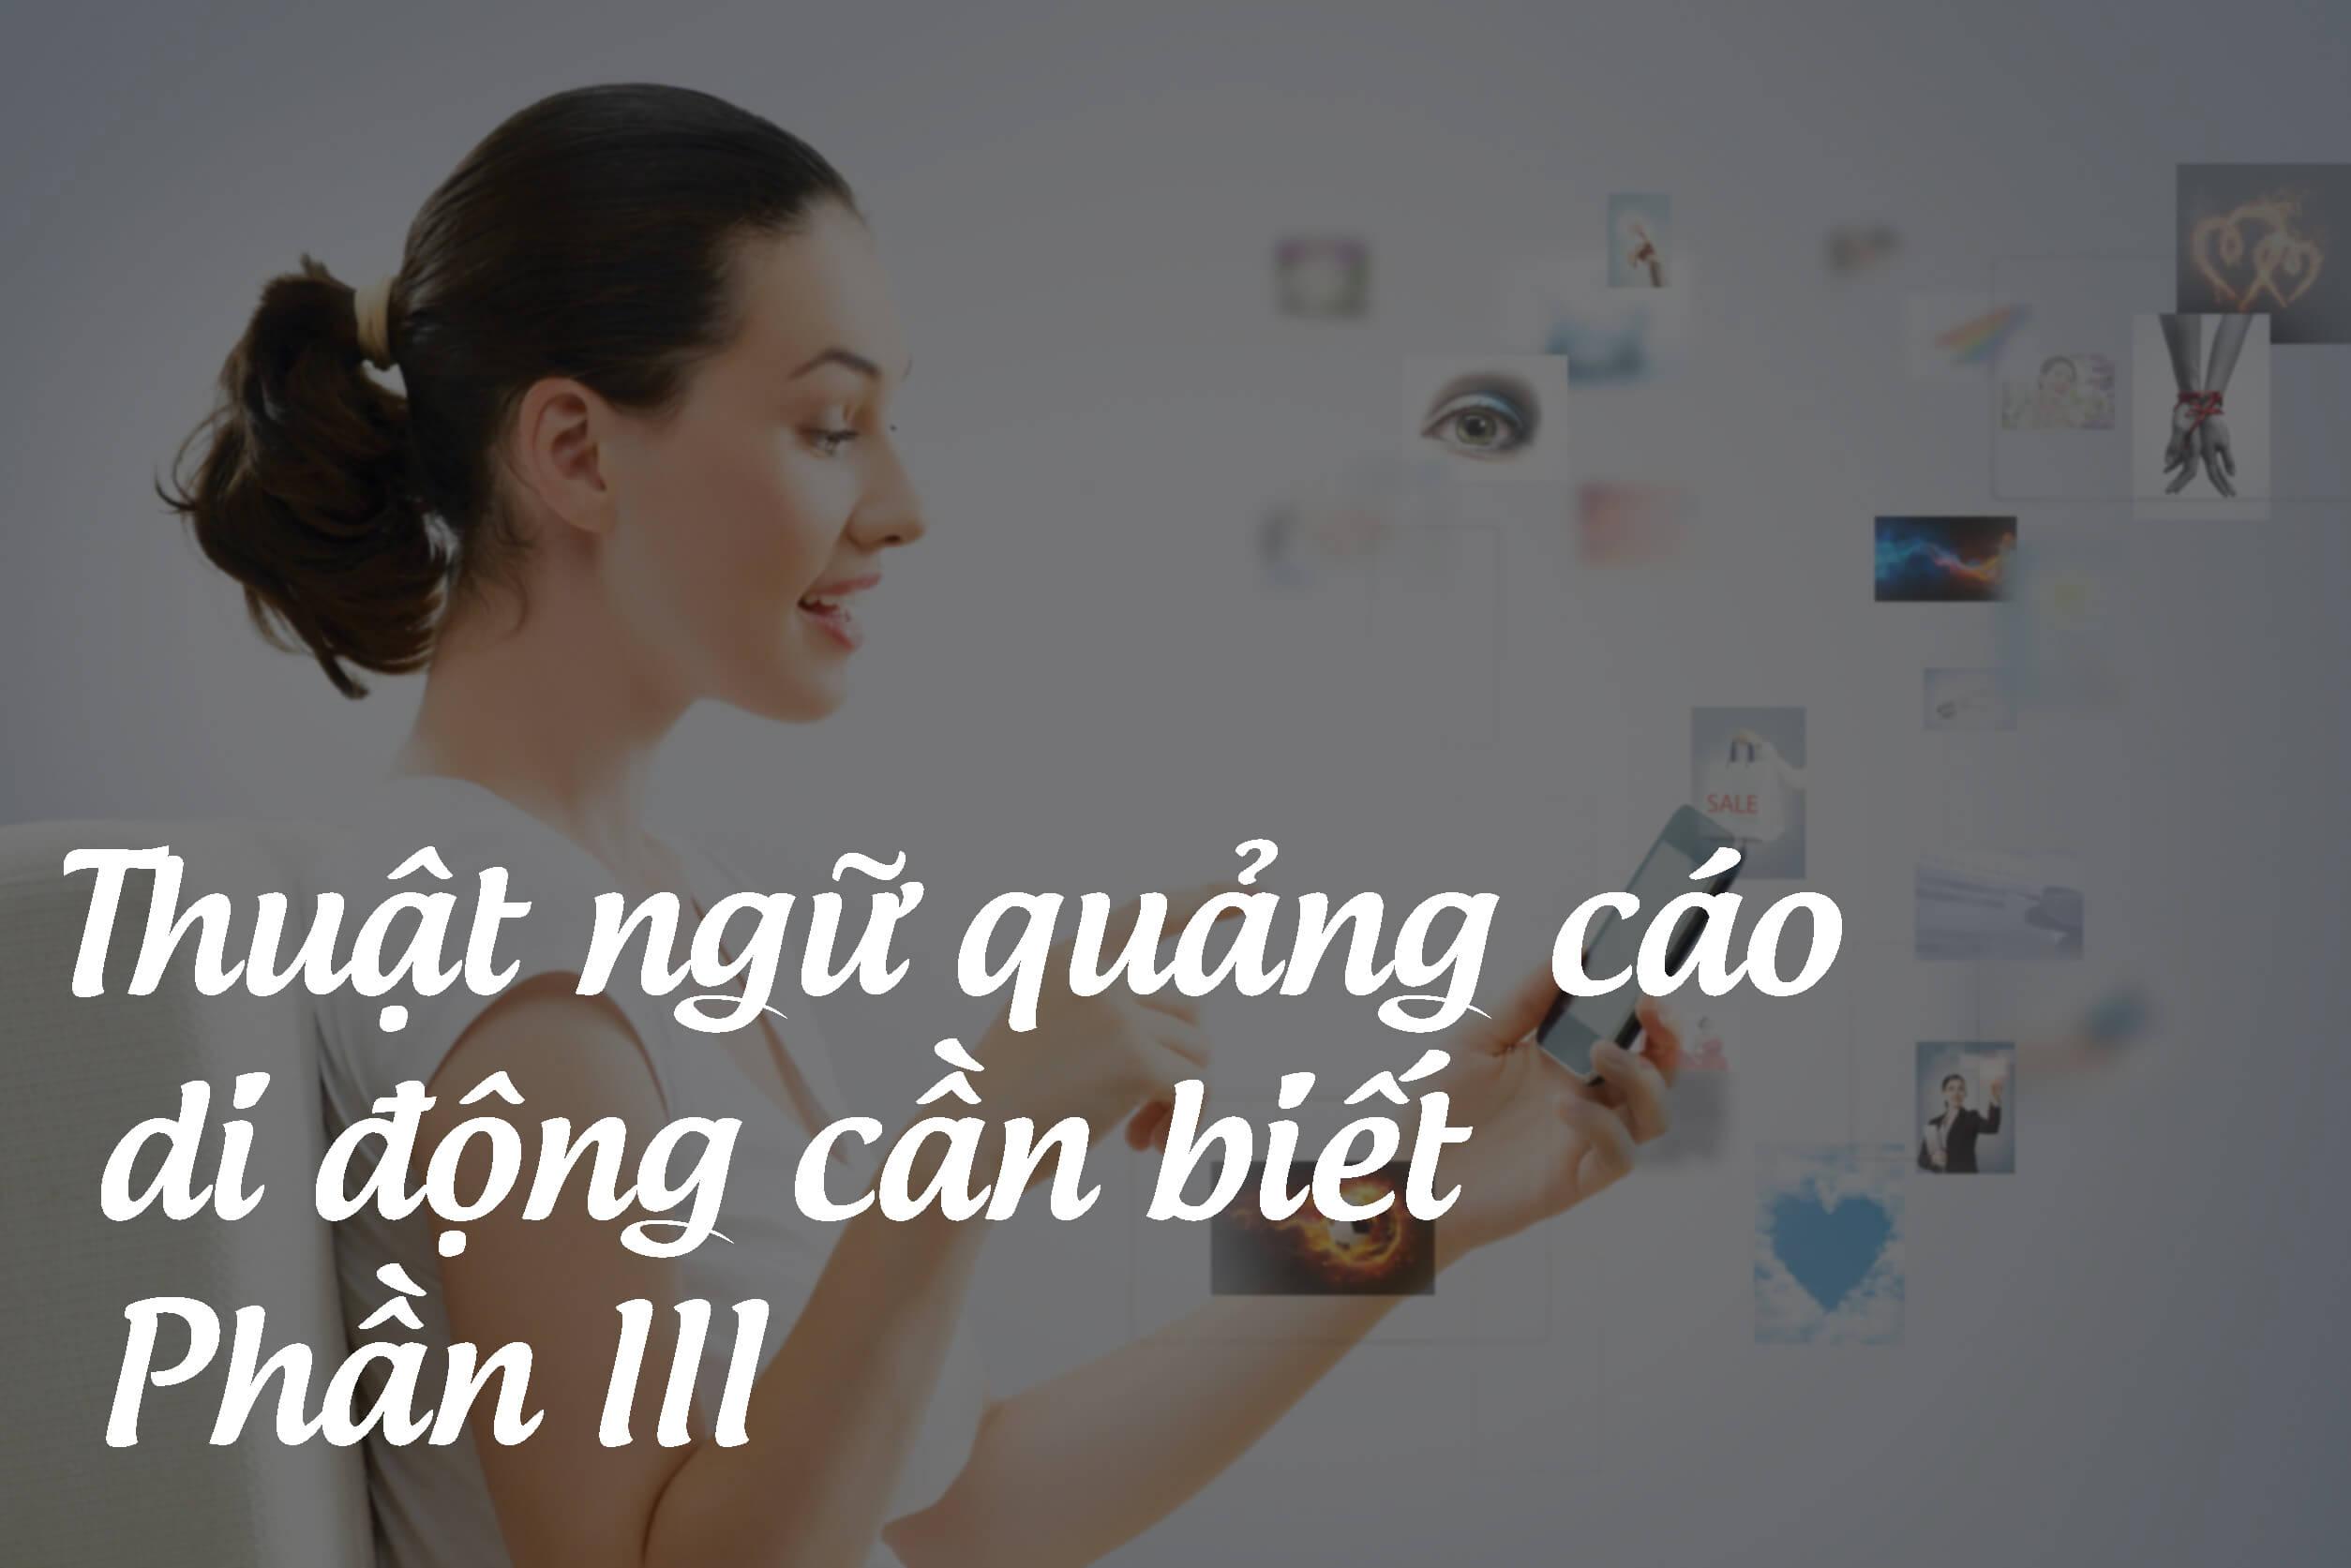 thuat-ngu-quang-cao-di-dong-phan-iii